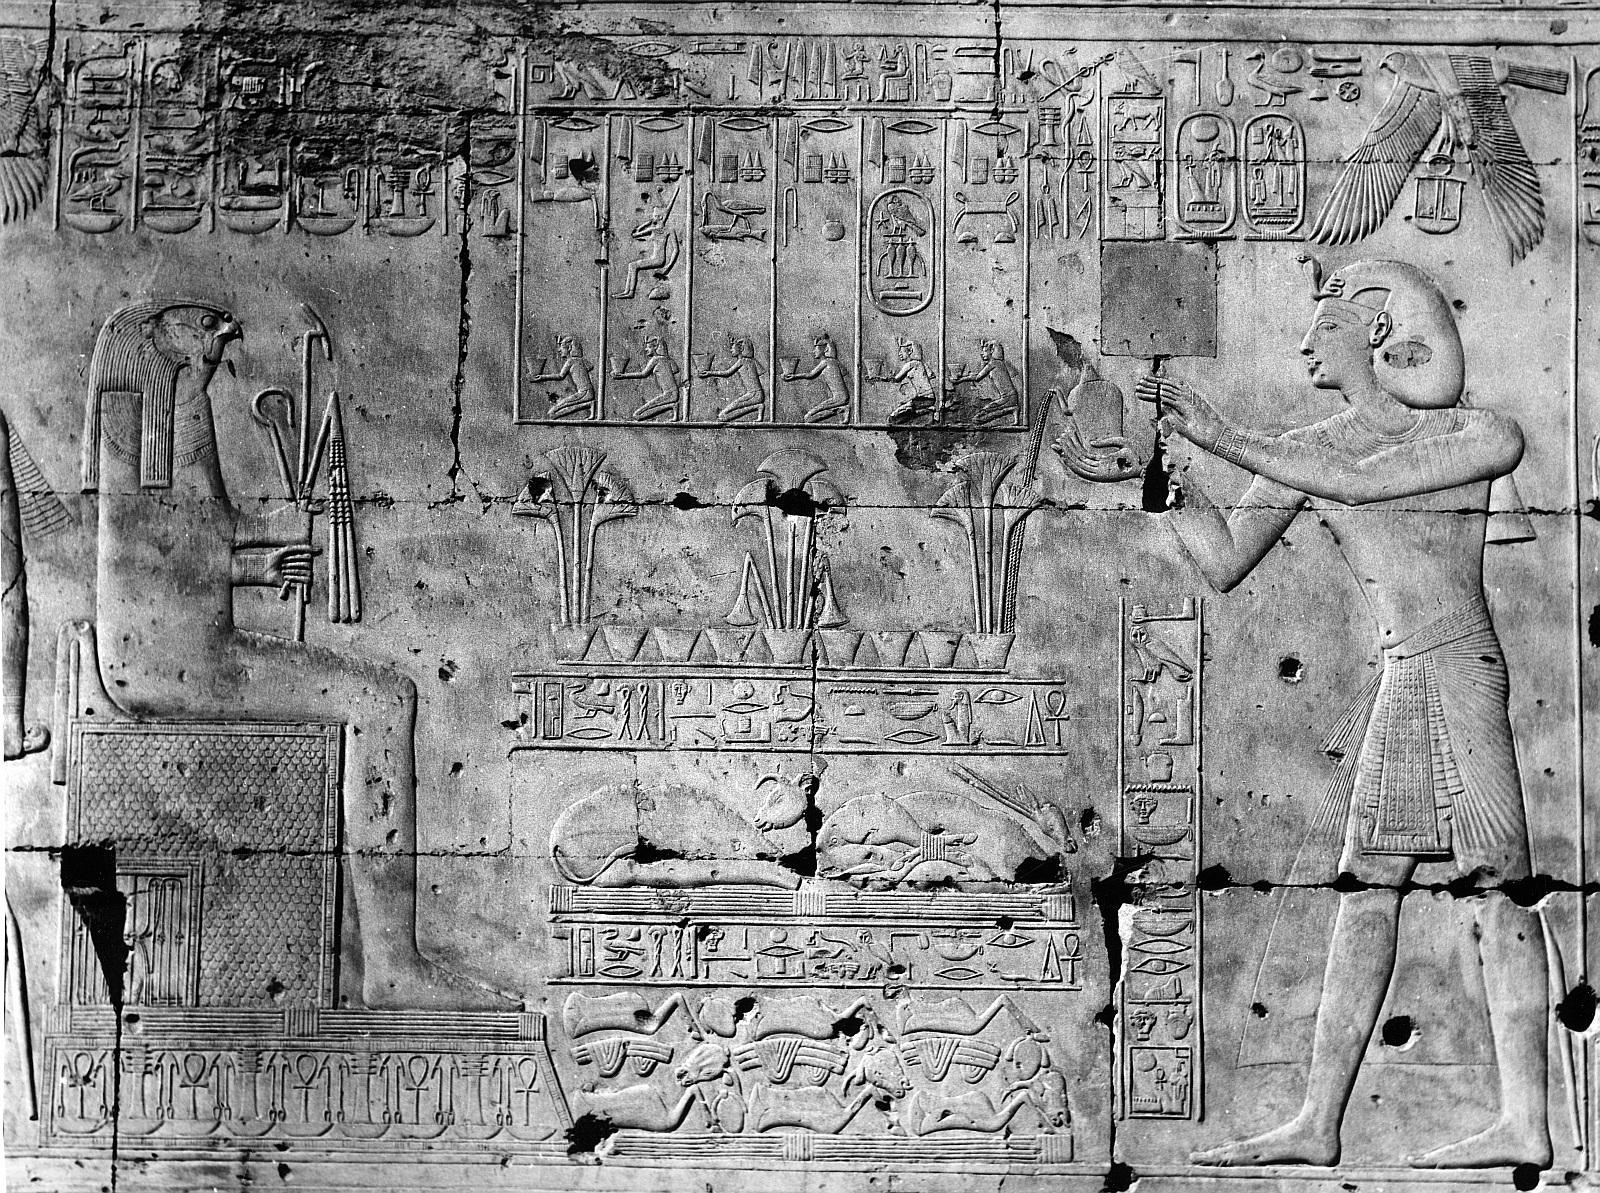 Абидос. Храм Сети I. Рельеф «Сети I делает жертвоприношение Хорусу»